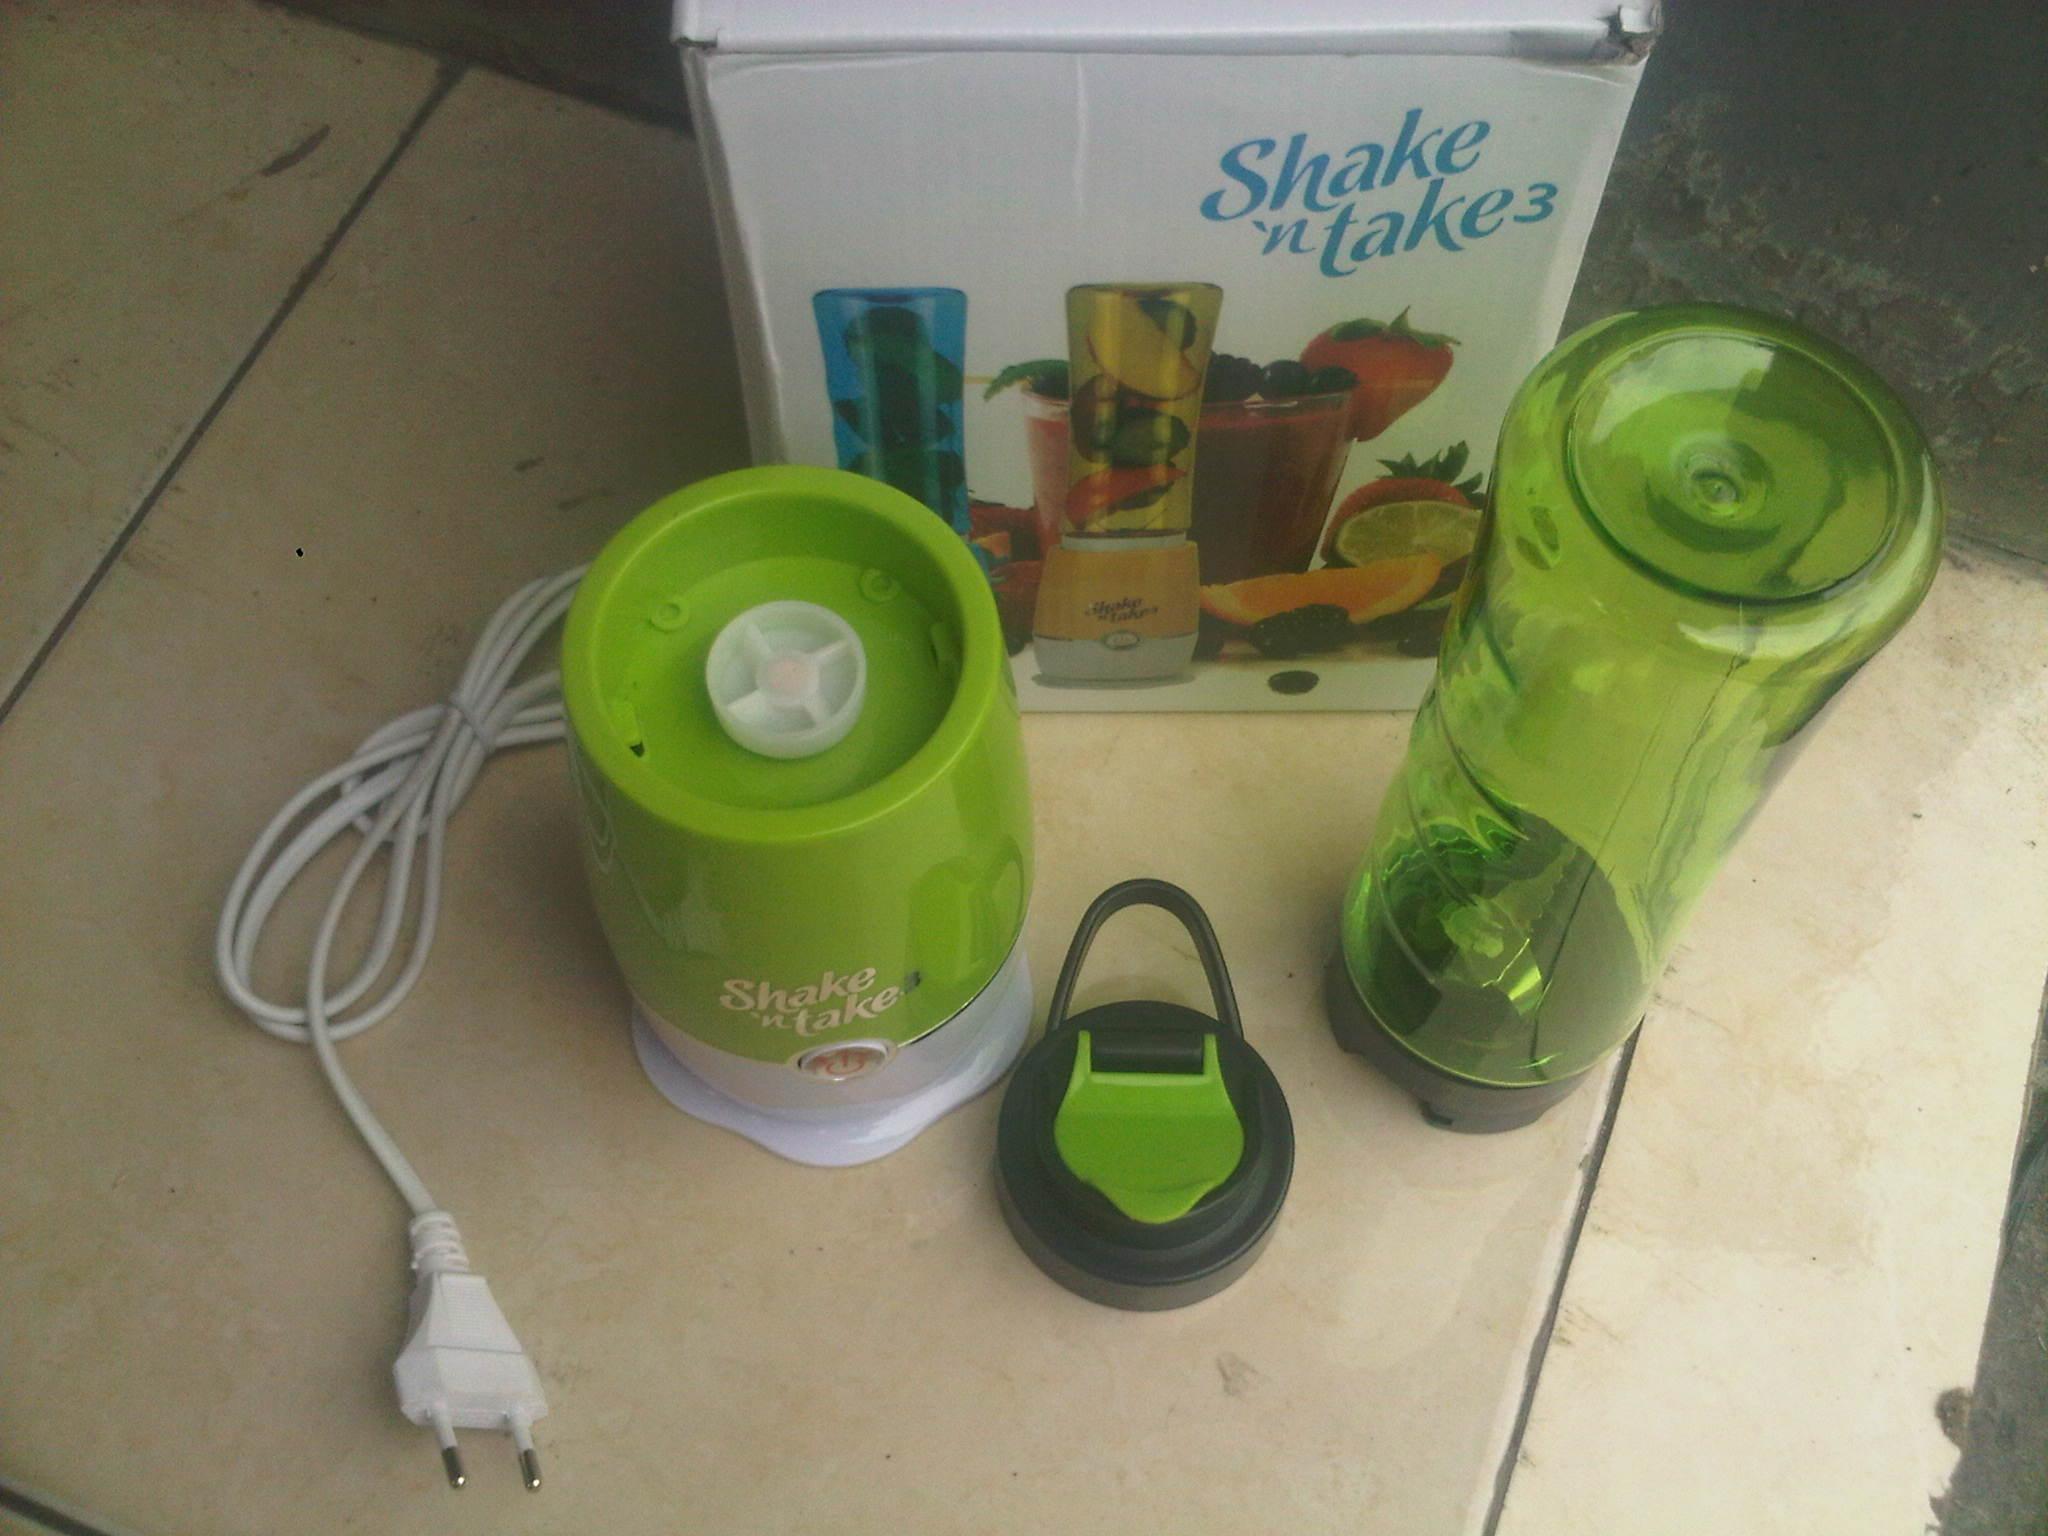 Blender Serbaguna Shake N Take Cocok Buat Jualan Pop Ice Mata Pisau 3 2 Cup Tajam